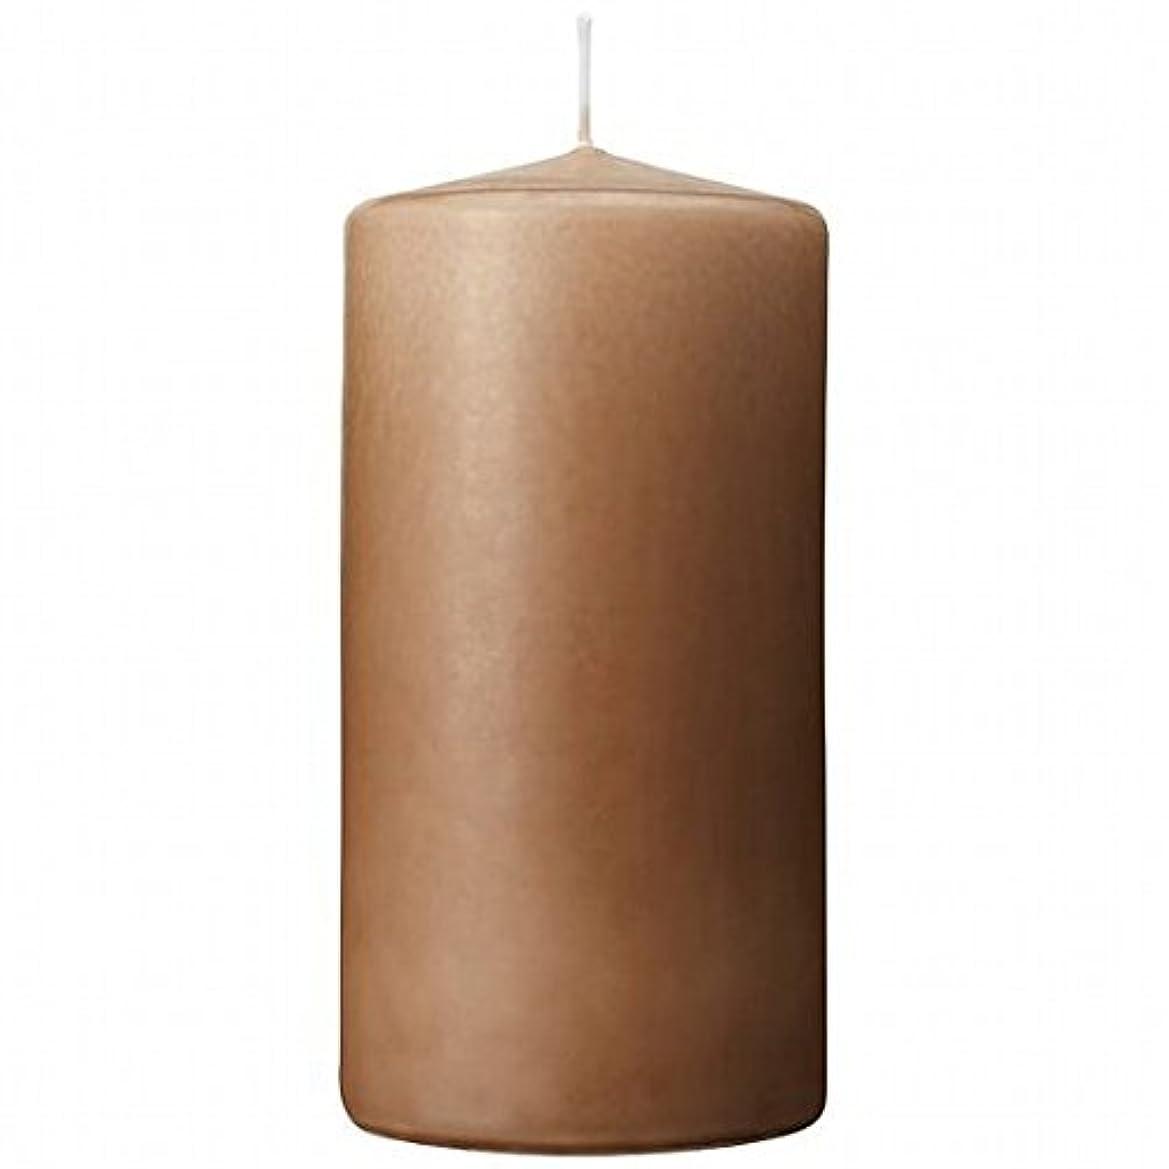 プリーツ受粉する対処するkameyama candle(カメヤマキャンドル) 3×6ベルトップピラーキャンドル 「 モカ 」(A9730010MO)